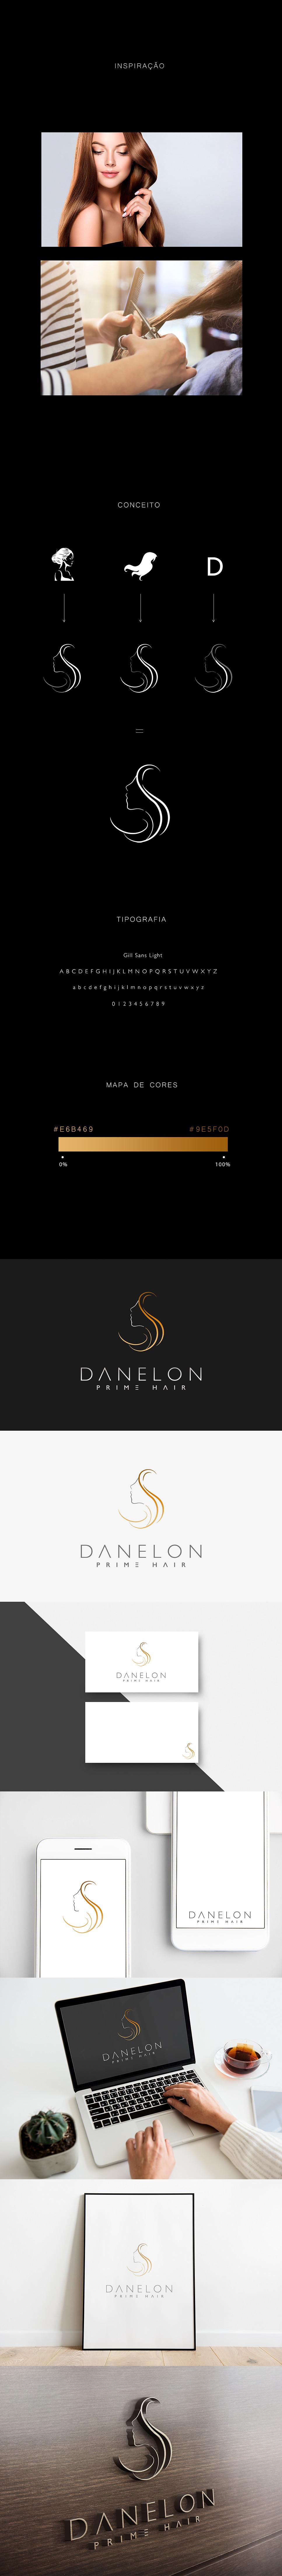 Danelon apresentação.jpg